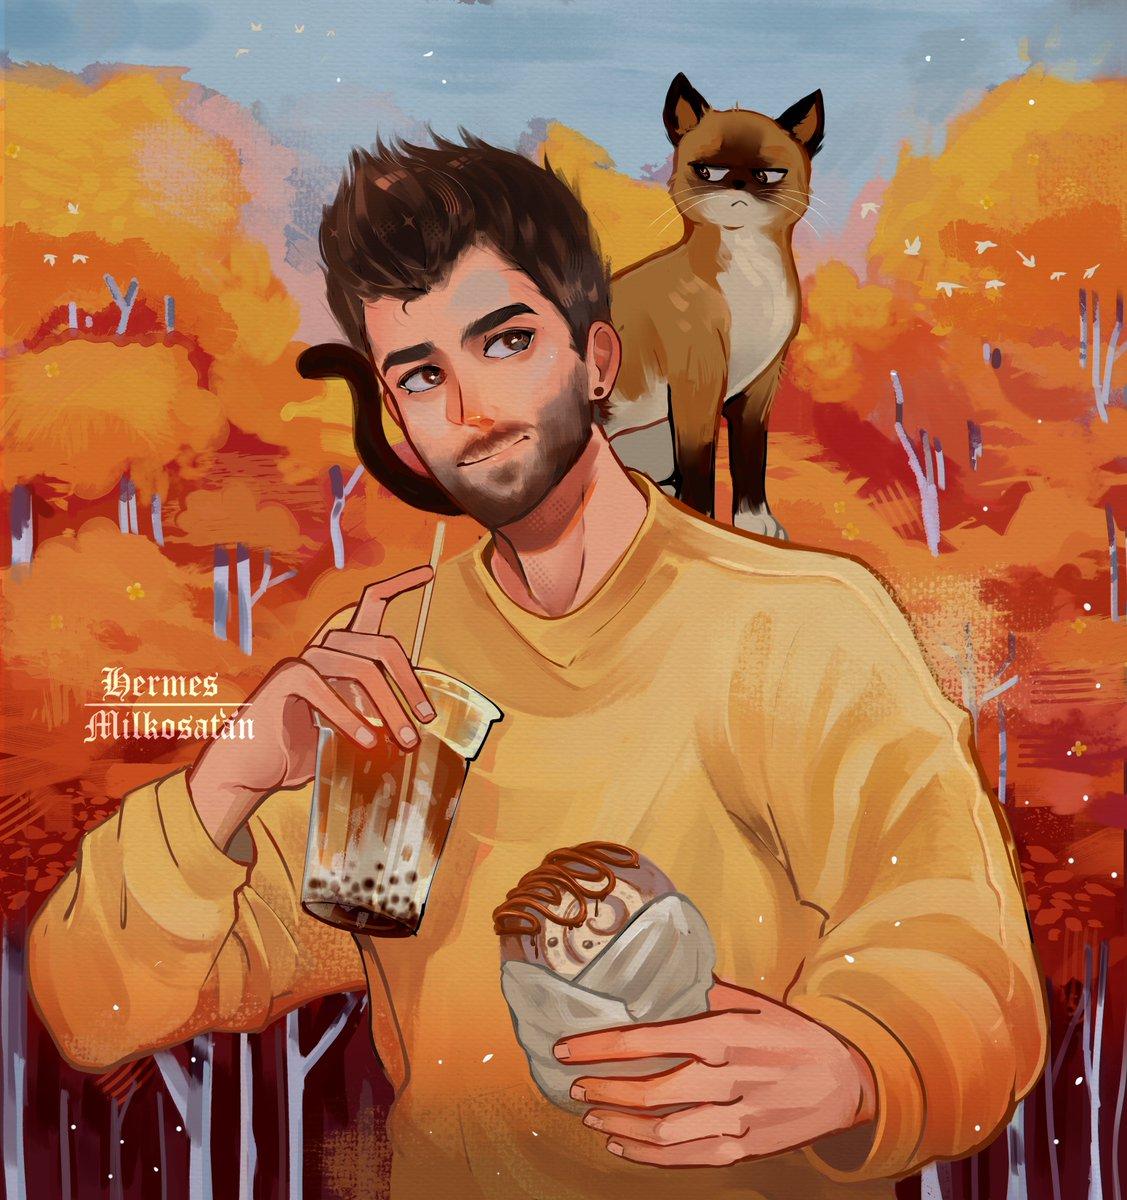 ✨オレンジの #Auronplay #Auronplayfanart  Llevo guardando este dibujo  siglos y apenas ayer me dio por terminarlo jaj Espero les guste, perdón no sé dibujar gatos ; @auronplay